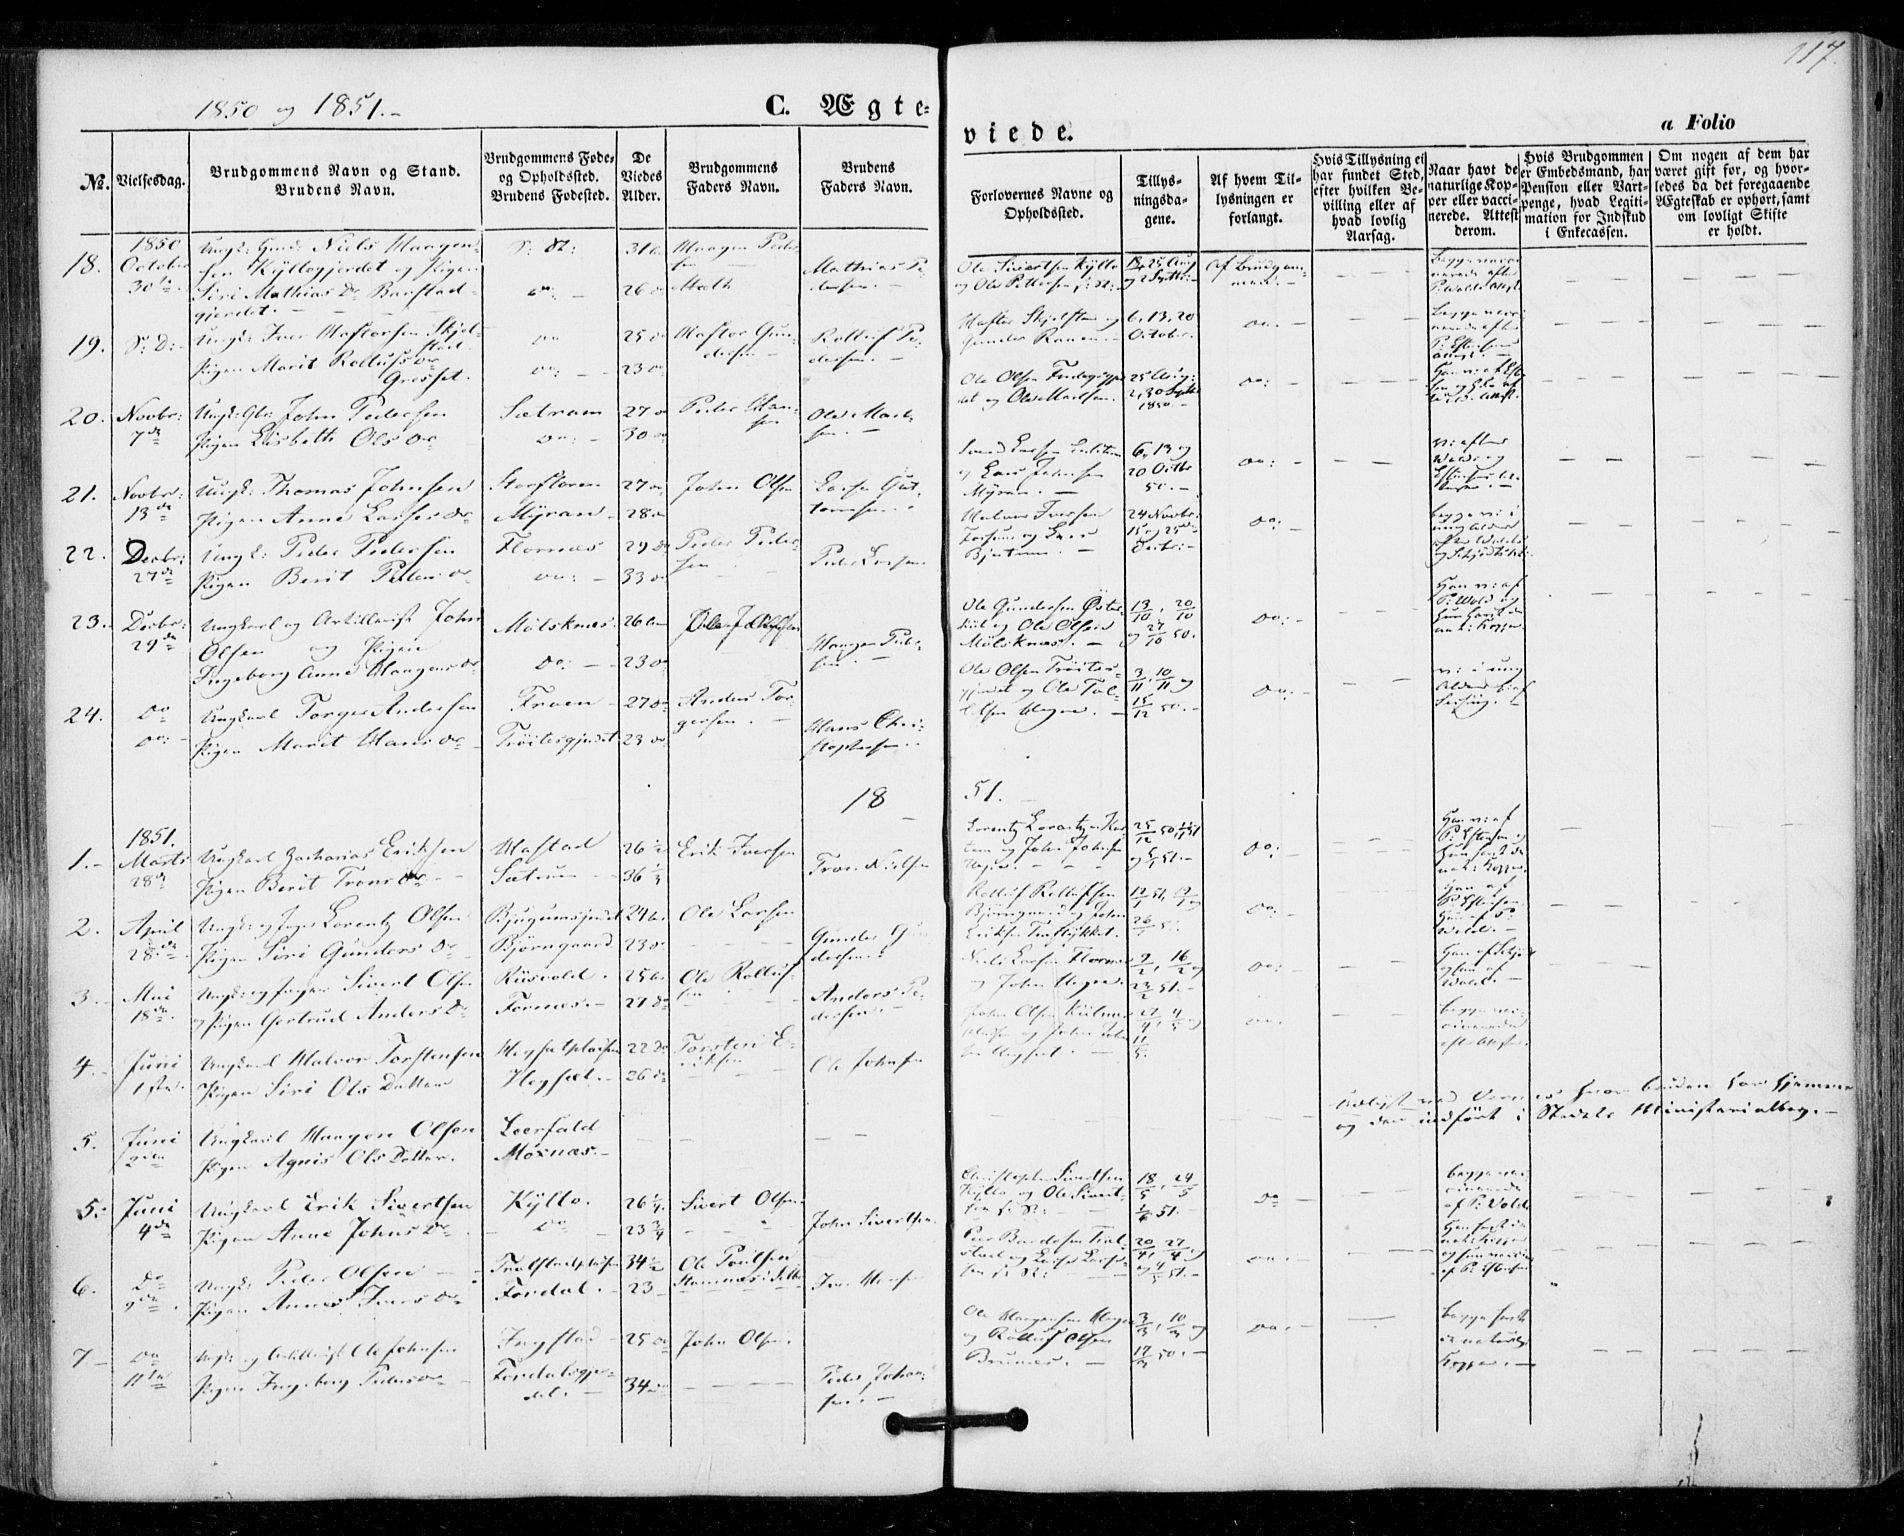 SAT, Ministerialprotokoller, klokkerbøker og fødselsregistre - Nord-Trøndelag, 703/L0028: Ministerialbok nr. 703A01, 1850-1862, s. 117